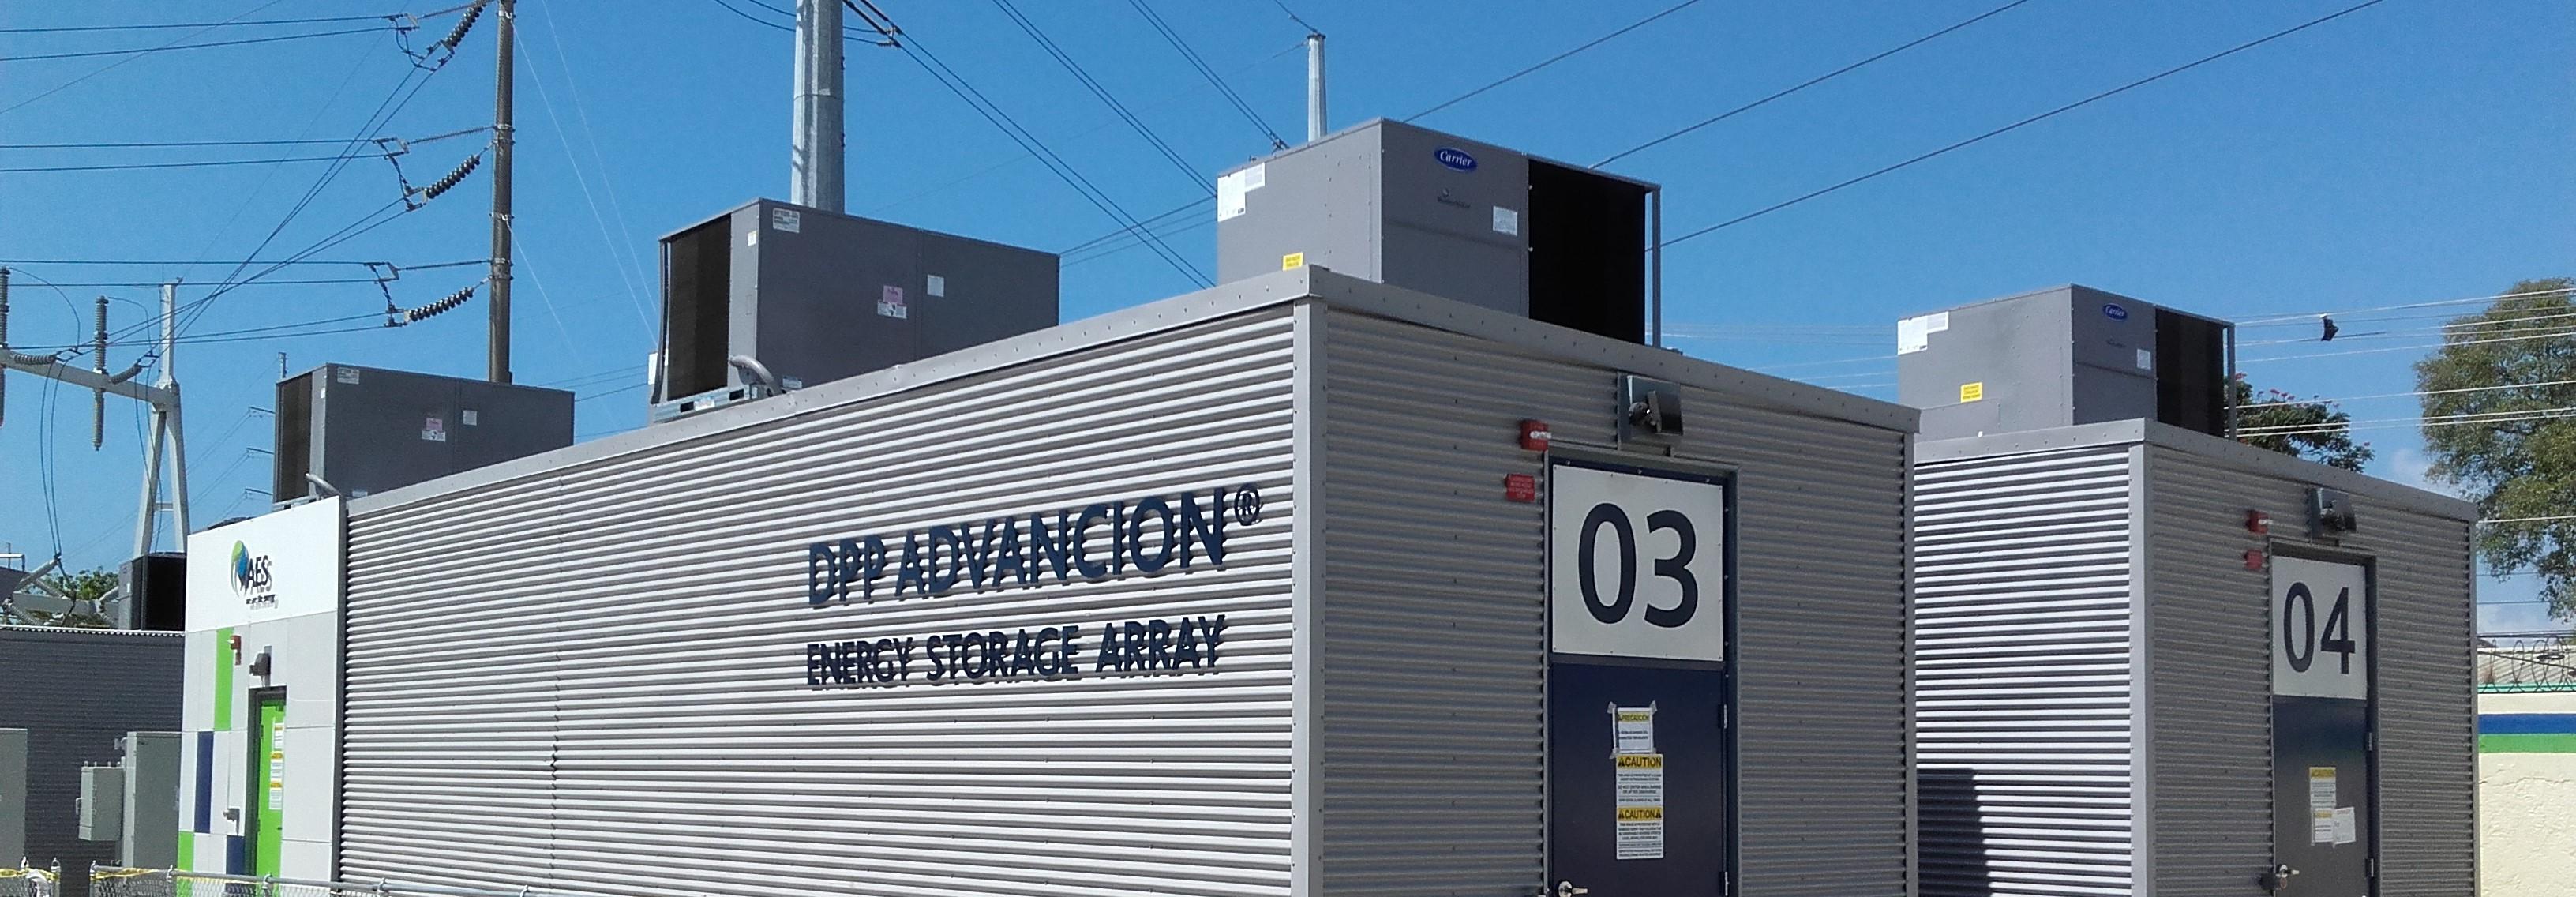 SDG&E energy storage